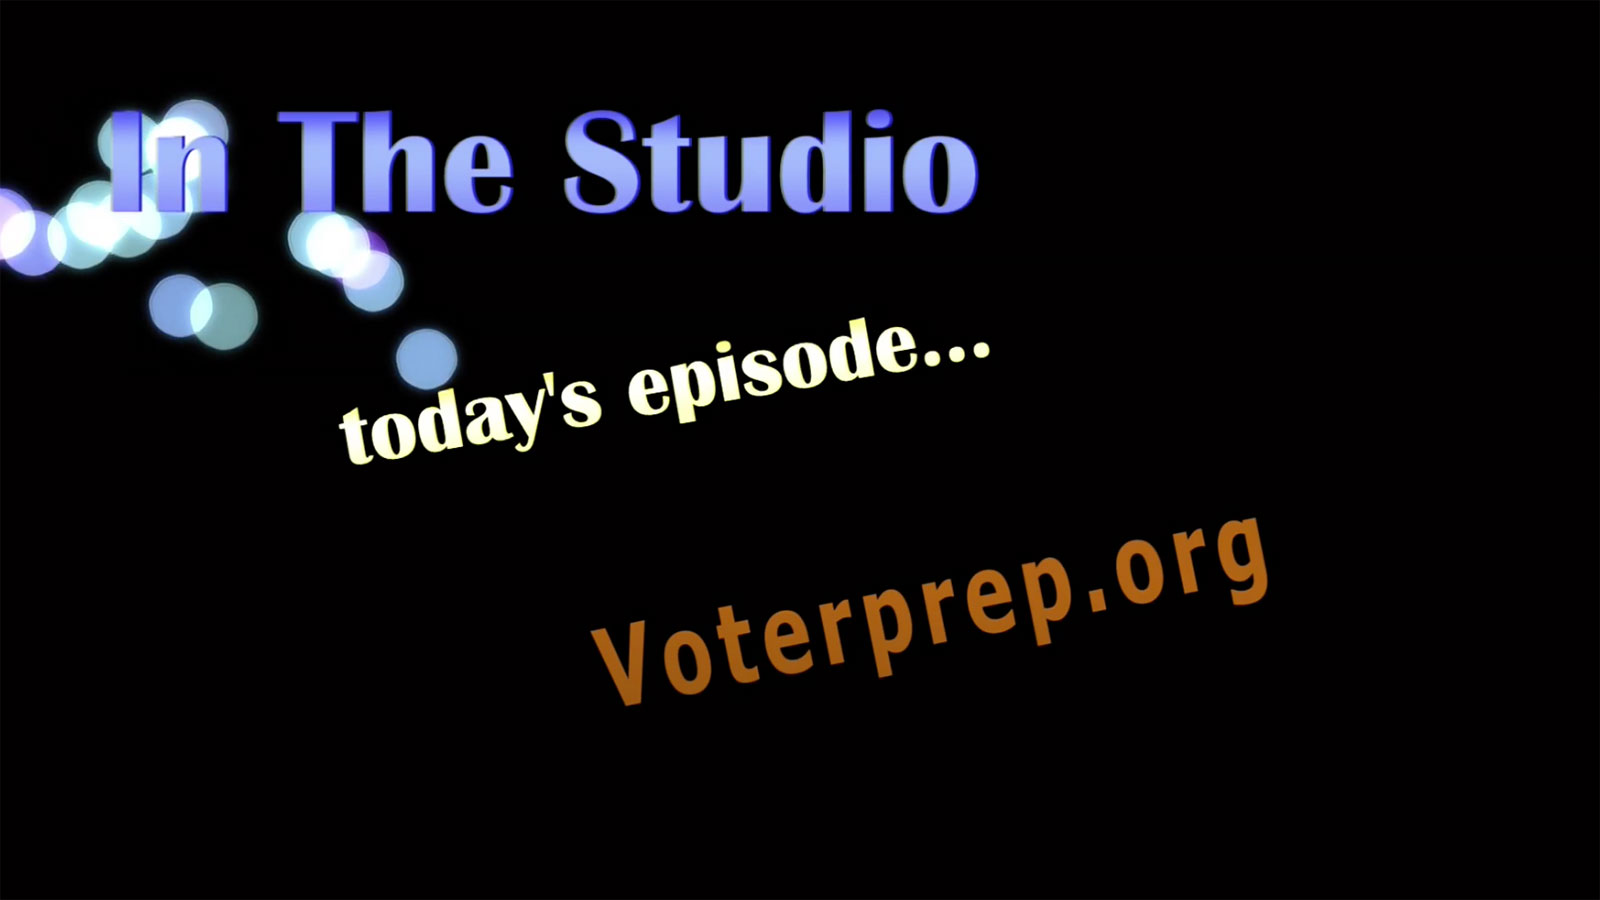 In the Studio: voterprep.org